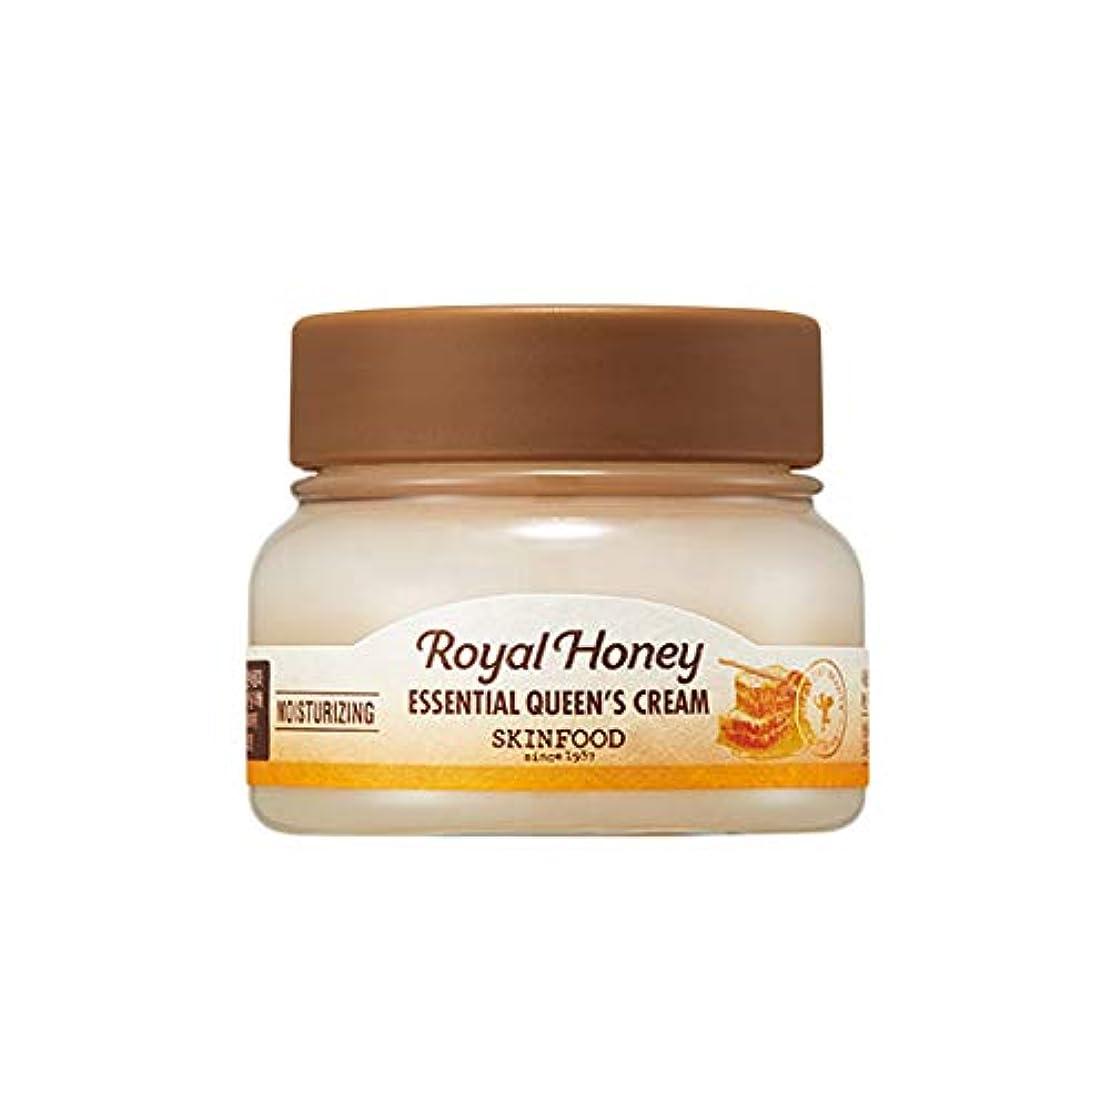 足枷変数考えるSkinfood ロイヤルハニーエッセンシャルクイーンクリーム/Royal Honey Essential Queen's Cream 62ml [並行輸入品]